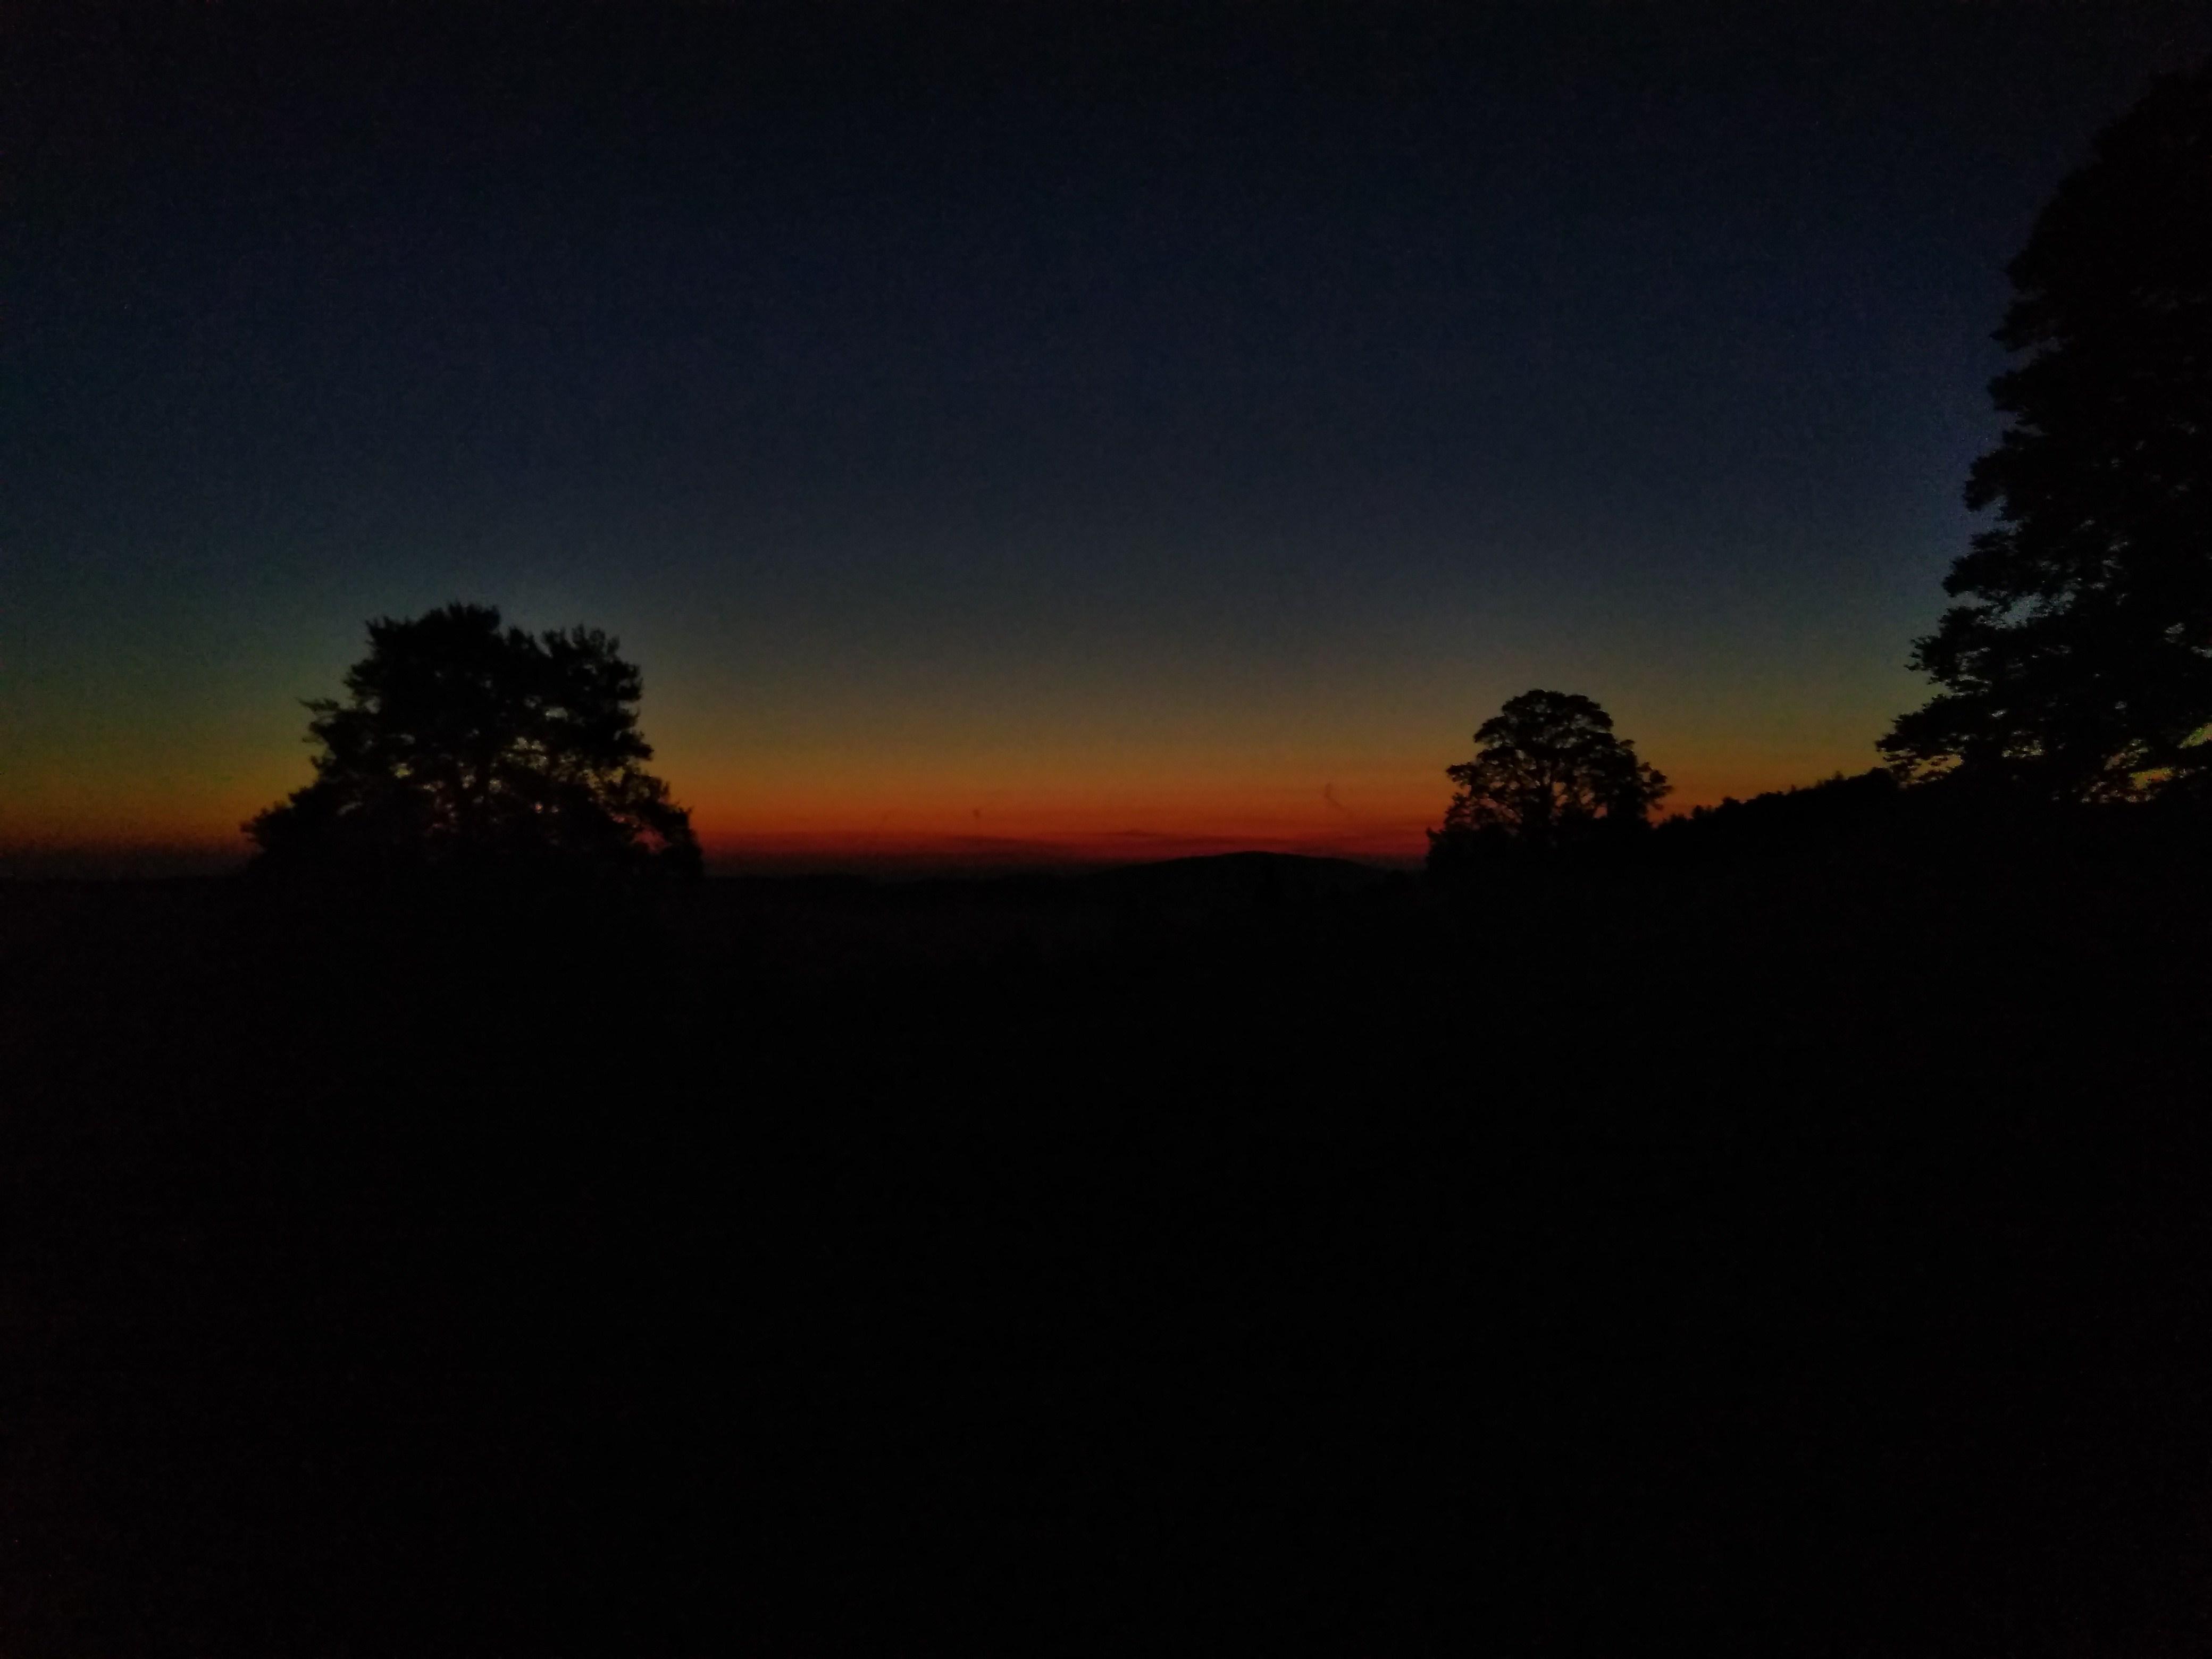 Sonnenaufgang am 21. Mai um 04:48 Uhr vom 'oberen Graffenrieder'